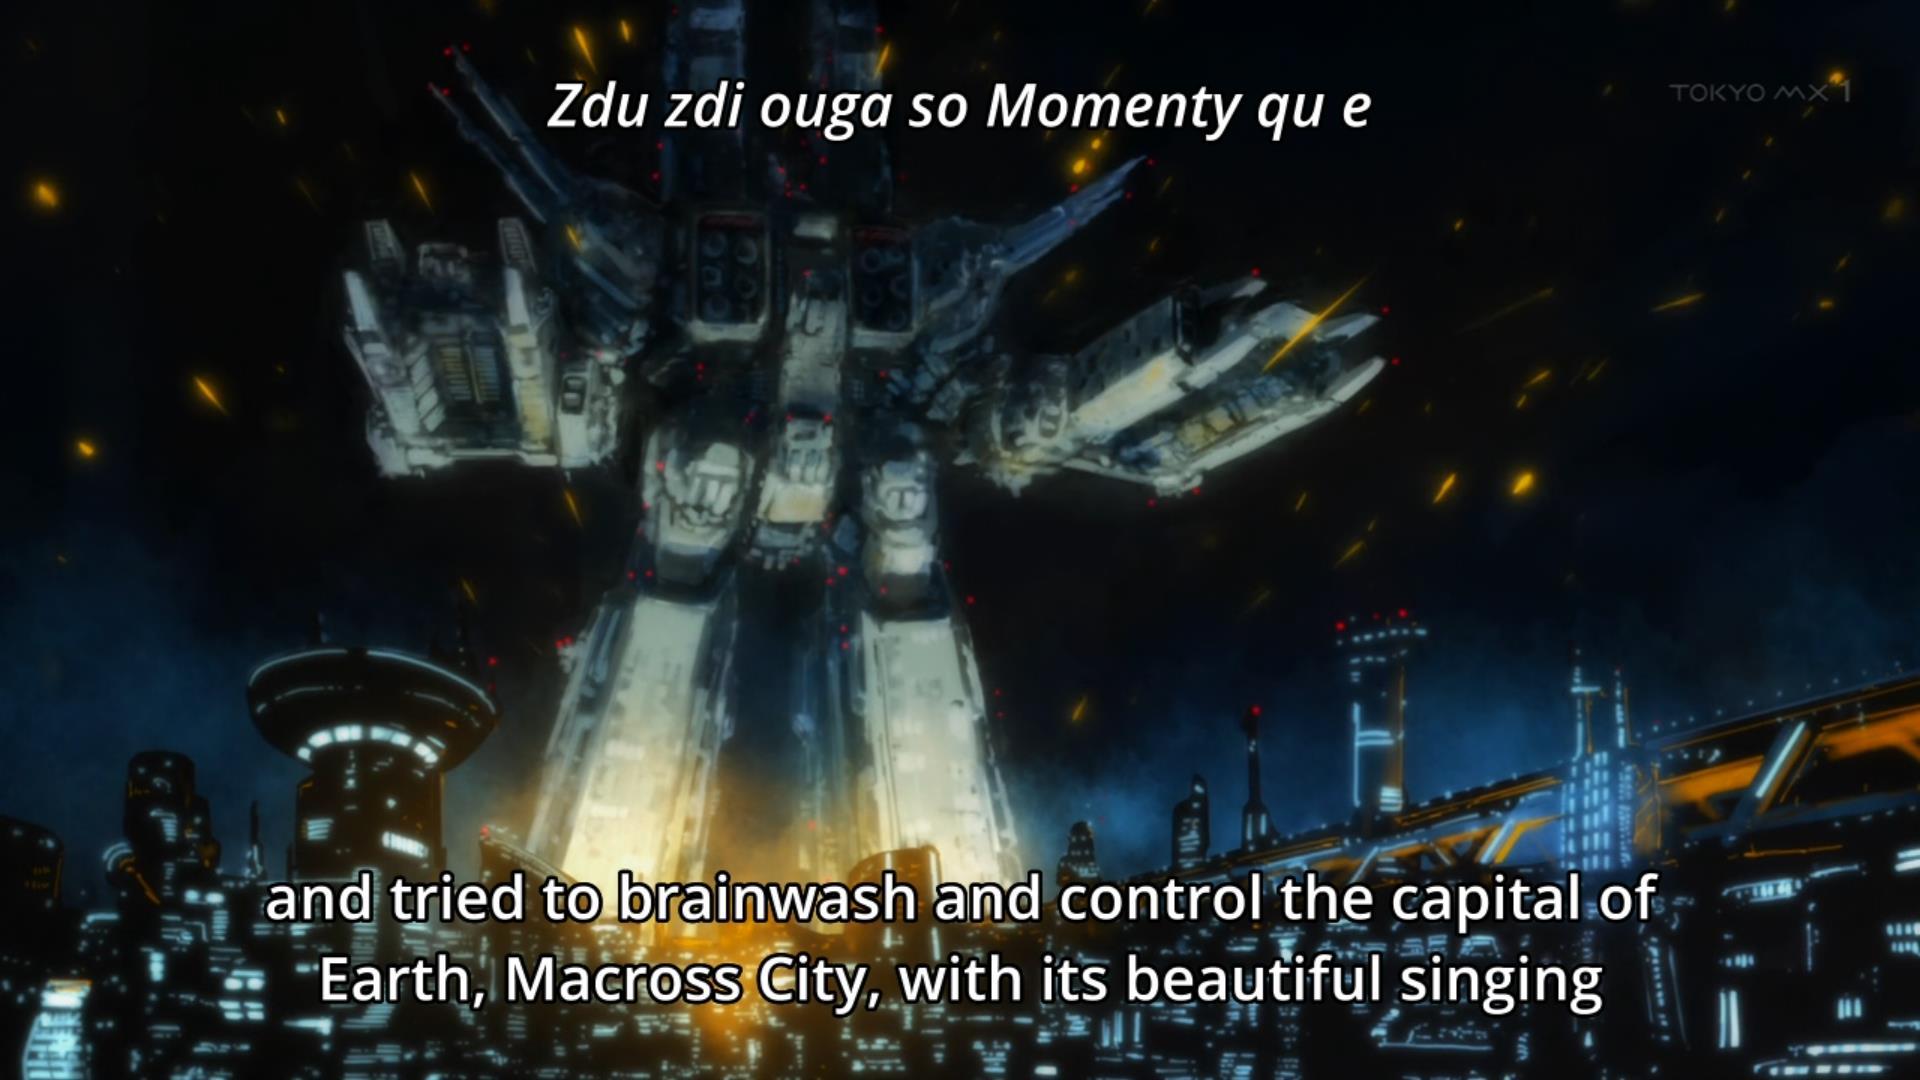 [2.0] Caméos et clins d'oeil dans les anime et mangas!  - Page 9 742272ggMacrossDelta19A6AD9C99mkvsnapshot093920160809182945